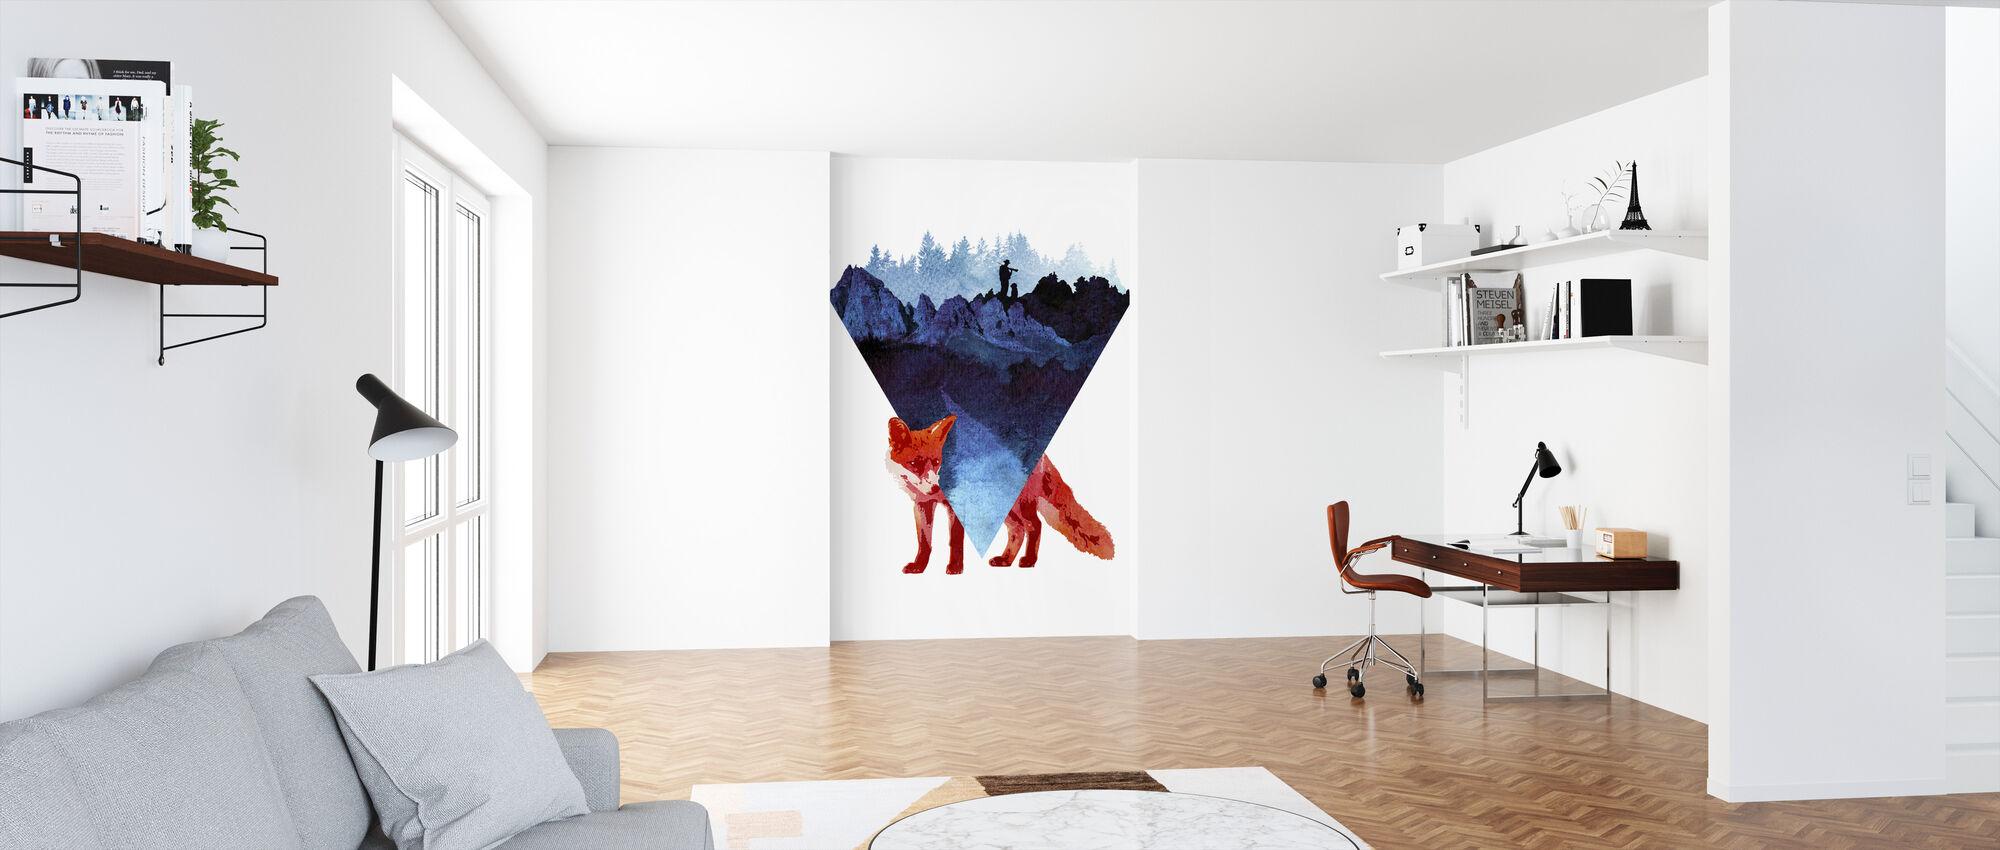 Risky Road - Wallpaper - Office